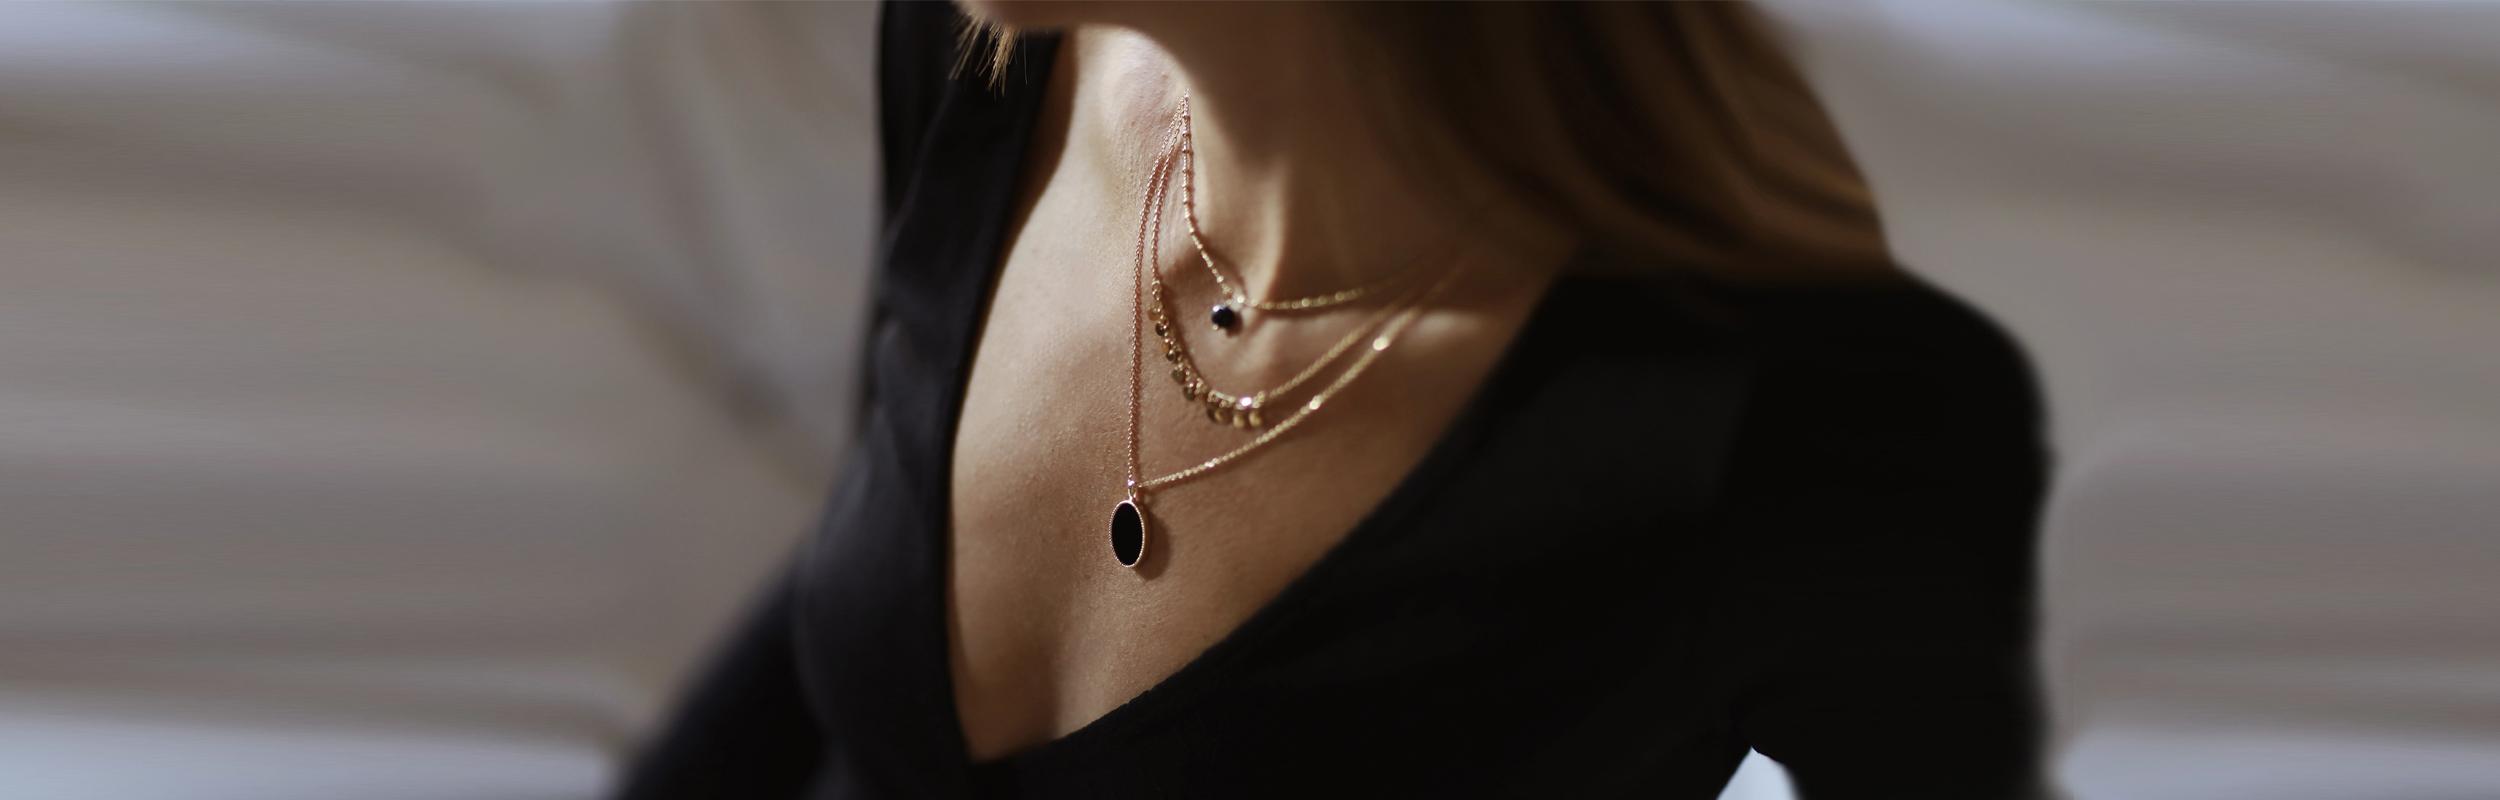 Slide-bijoux-3